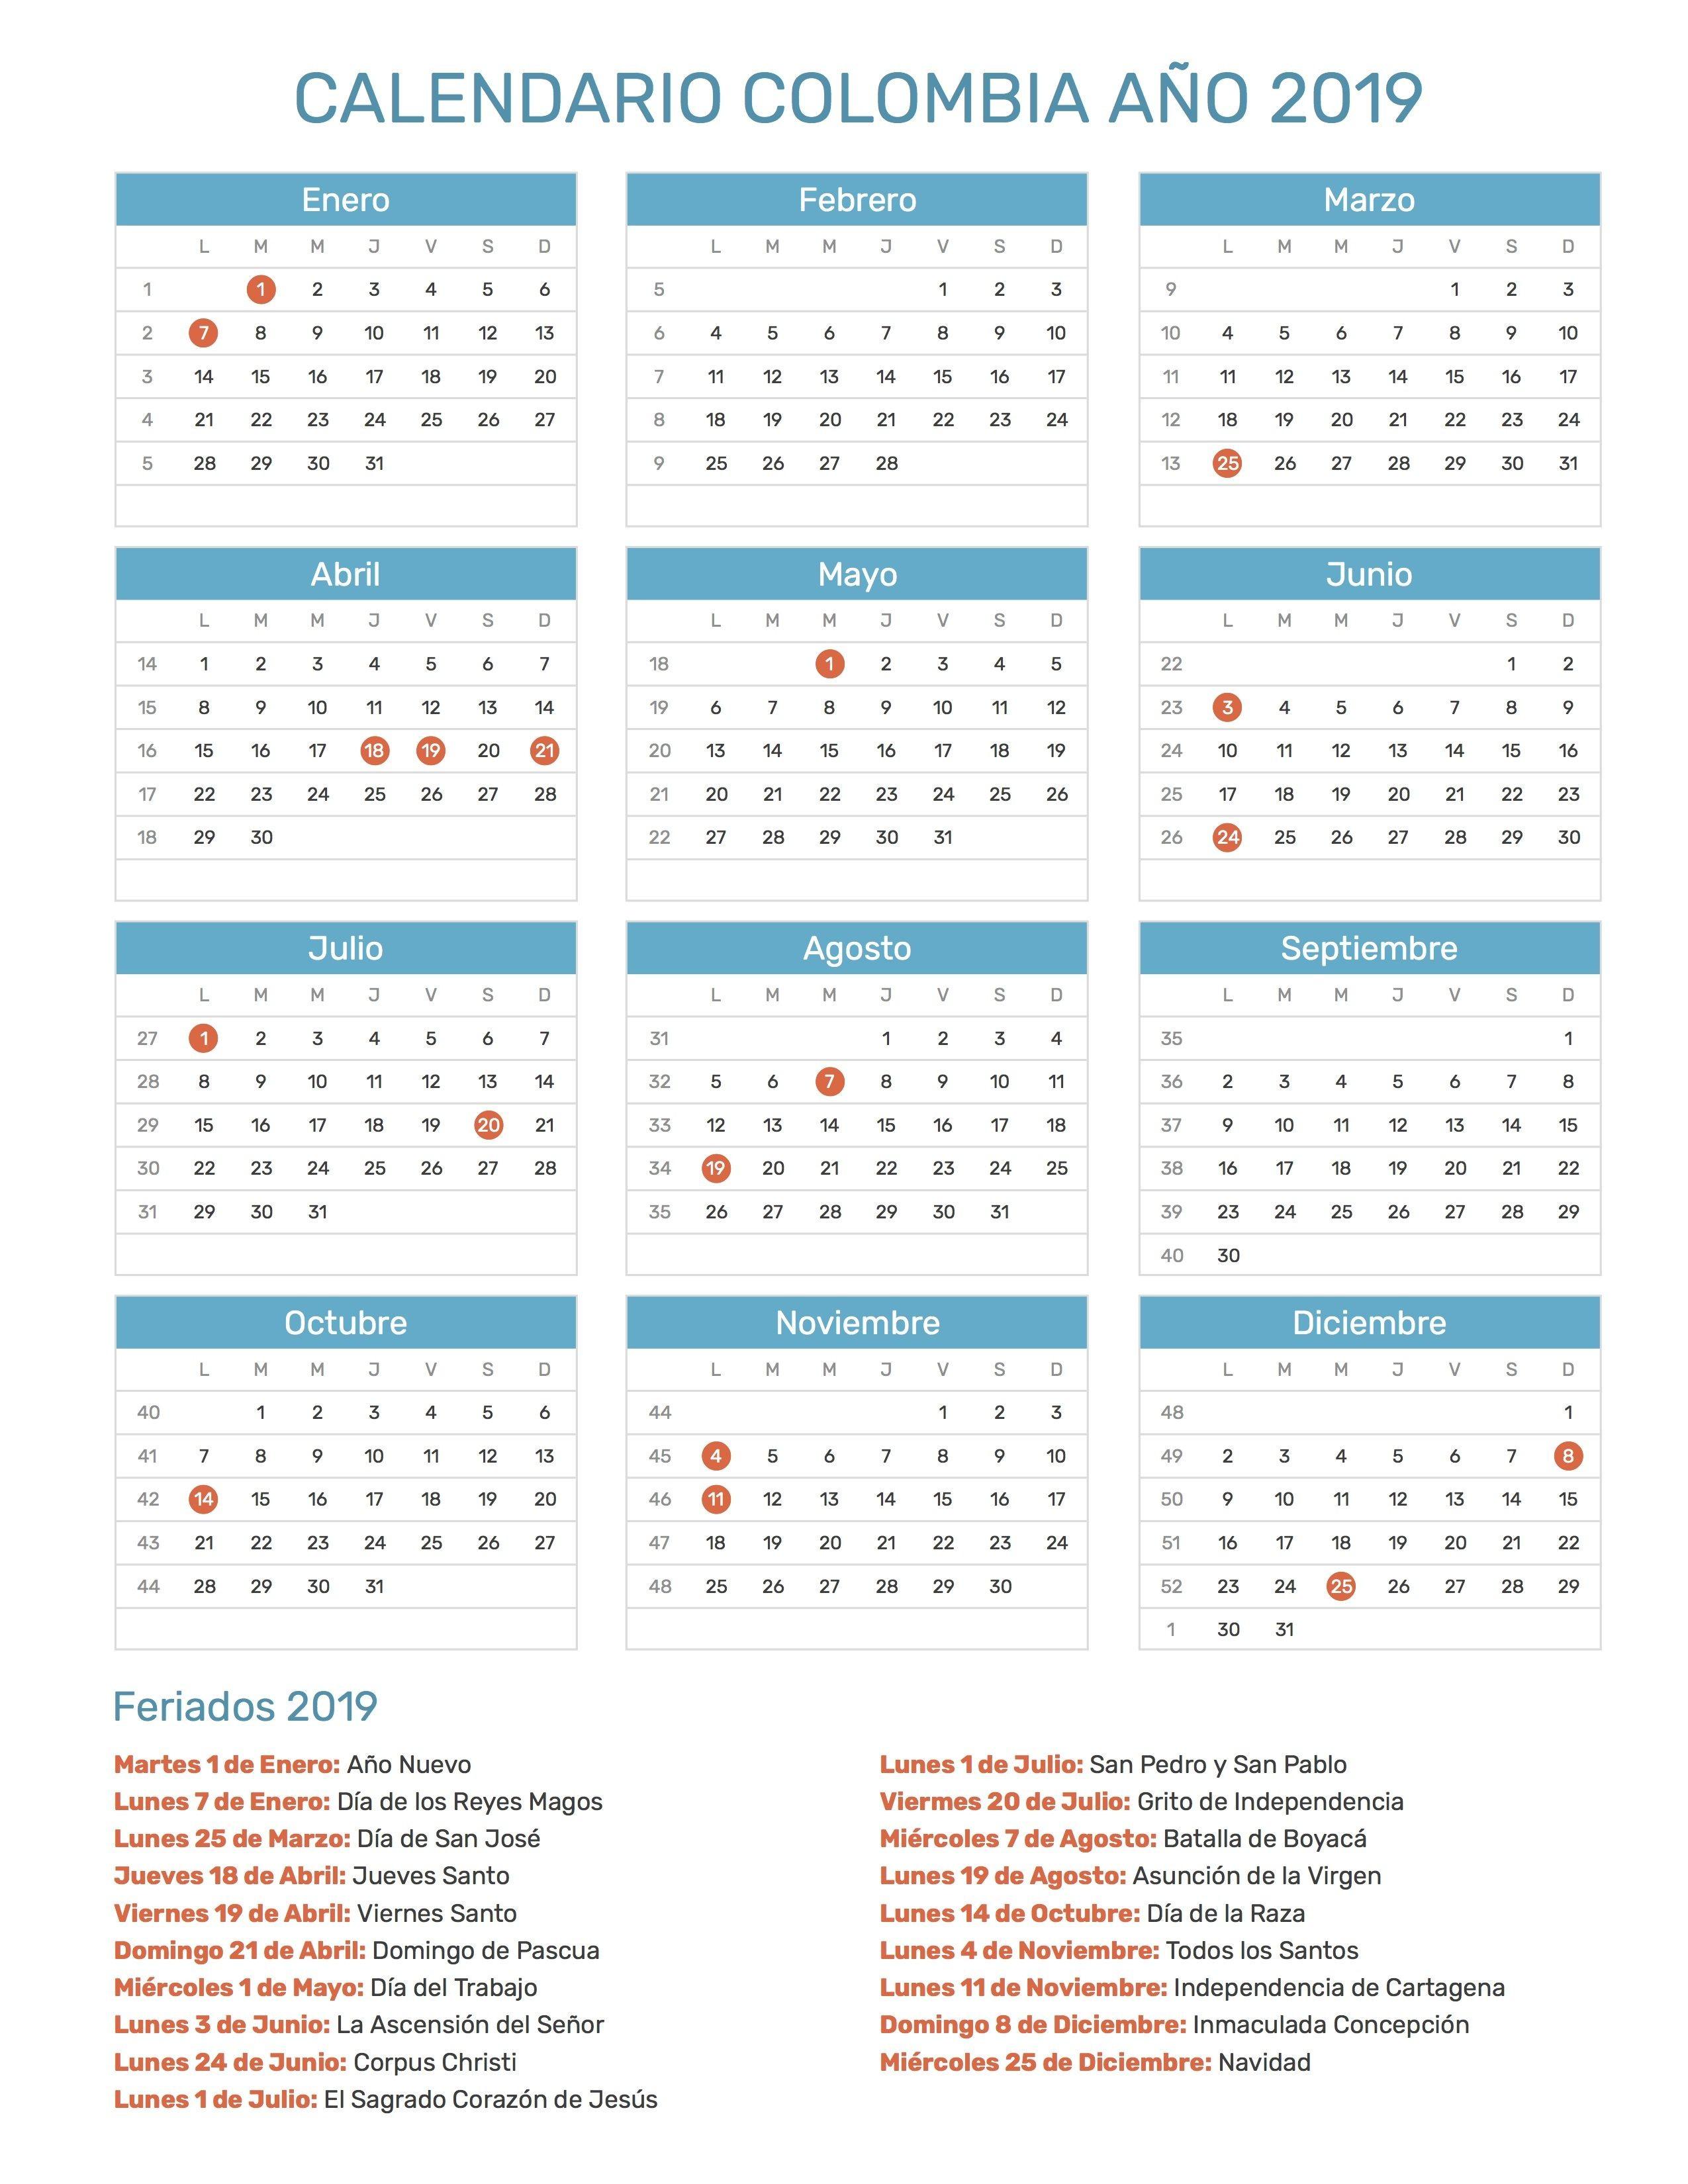 Calendario Planificador 2017 Chile Para Imprimir Actual Pin De Gladys En Imagenes Para Calendario Pinterest Of Calendario Planificador 2017 Chile Para Imprimir Recientes Imprimir Calendario Cheap Calendario Noviembre Calendario Anual